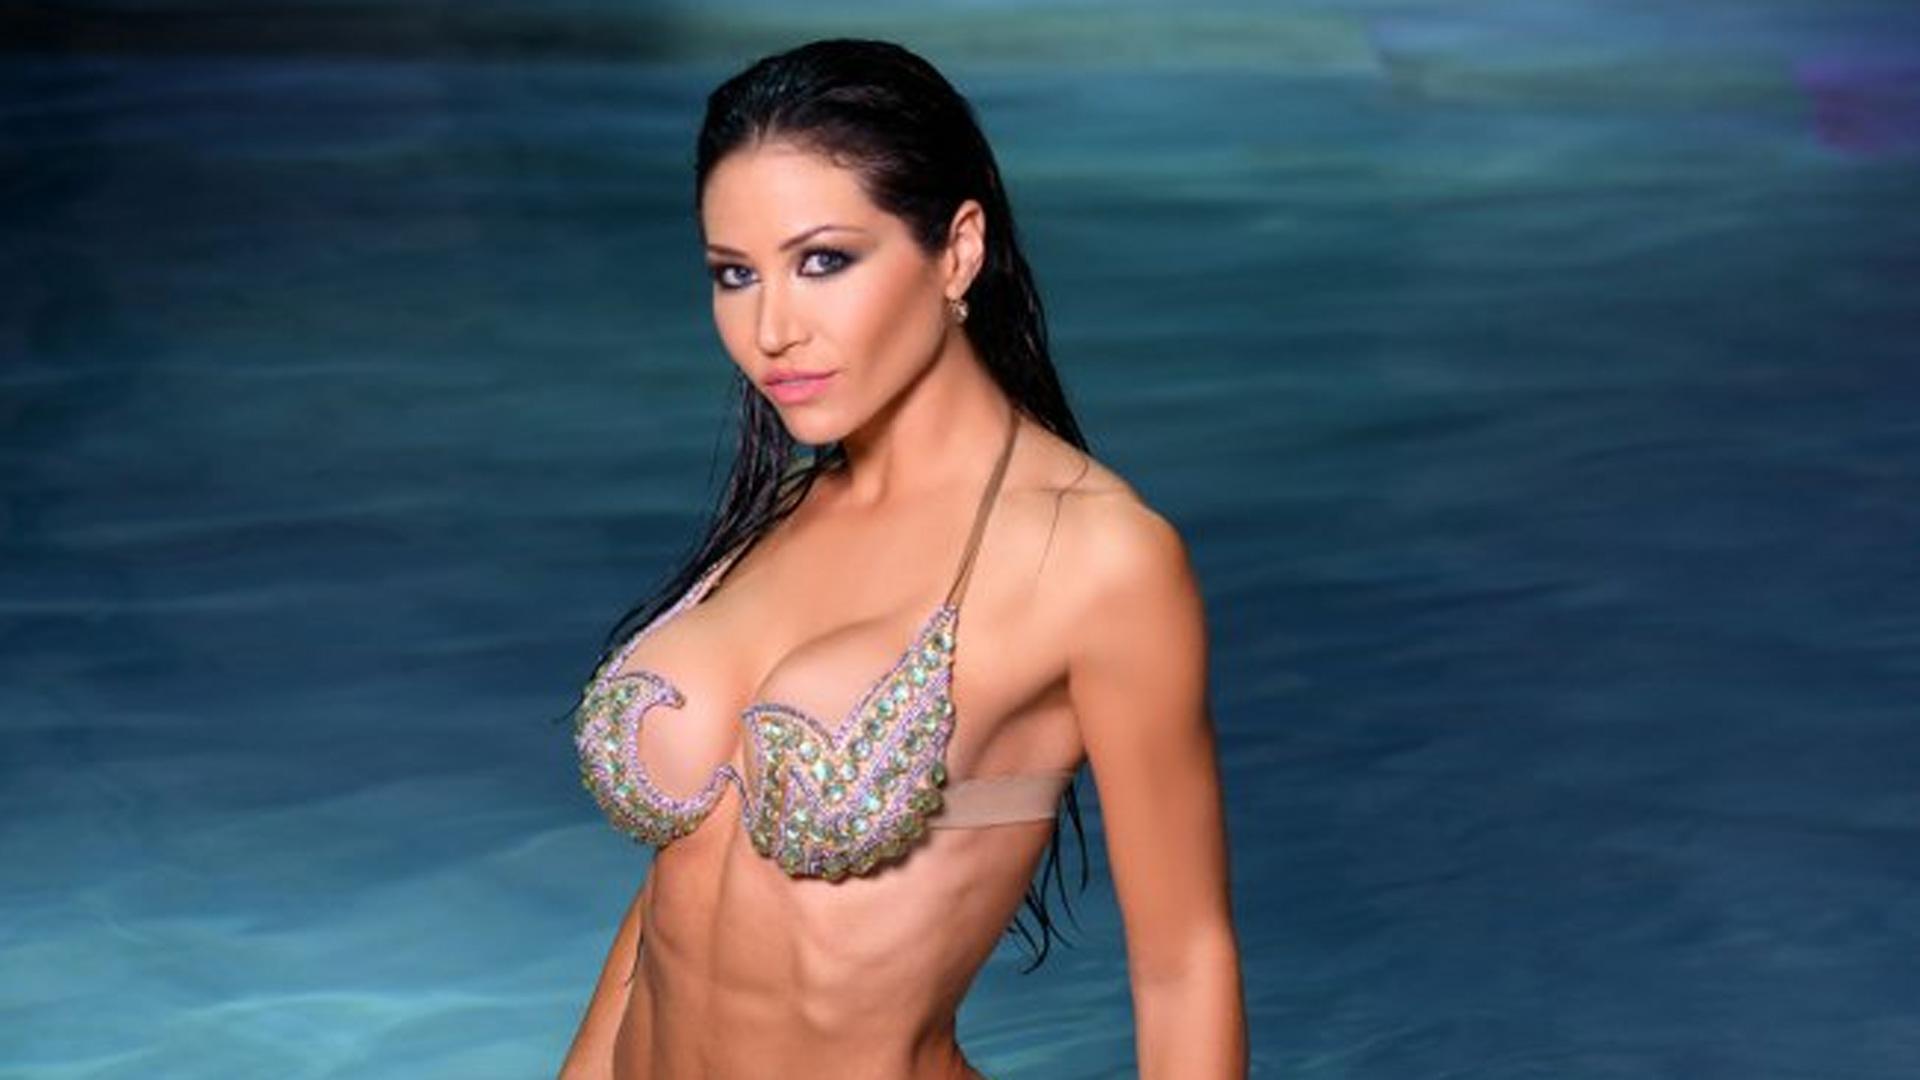 Fotos Desnudas De Lourdes Sanchez adabel guerrero nadó desnuda, derrochó sensualidad ¿y le